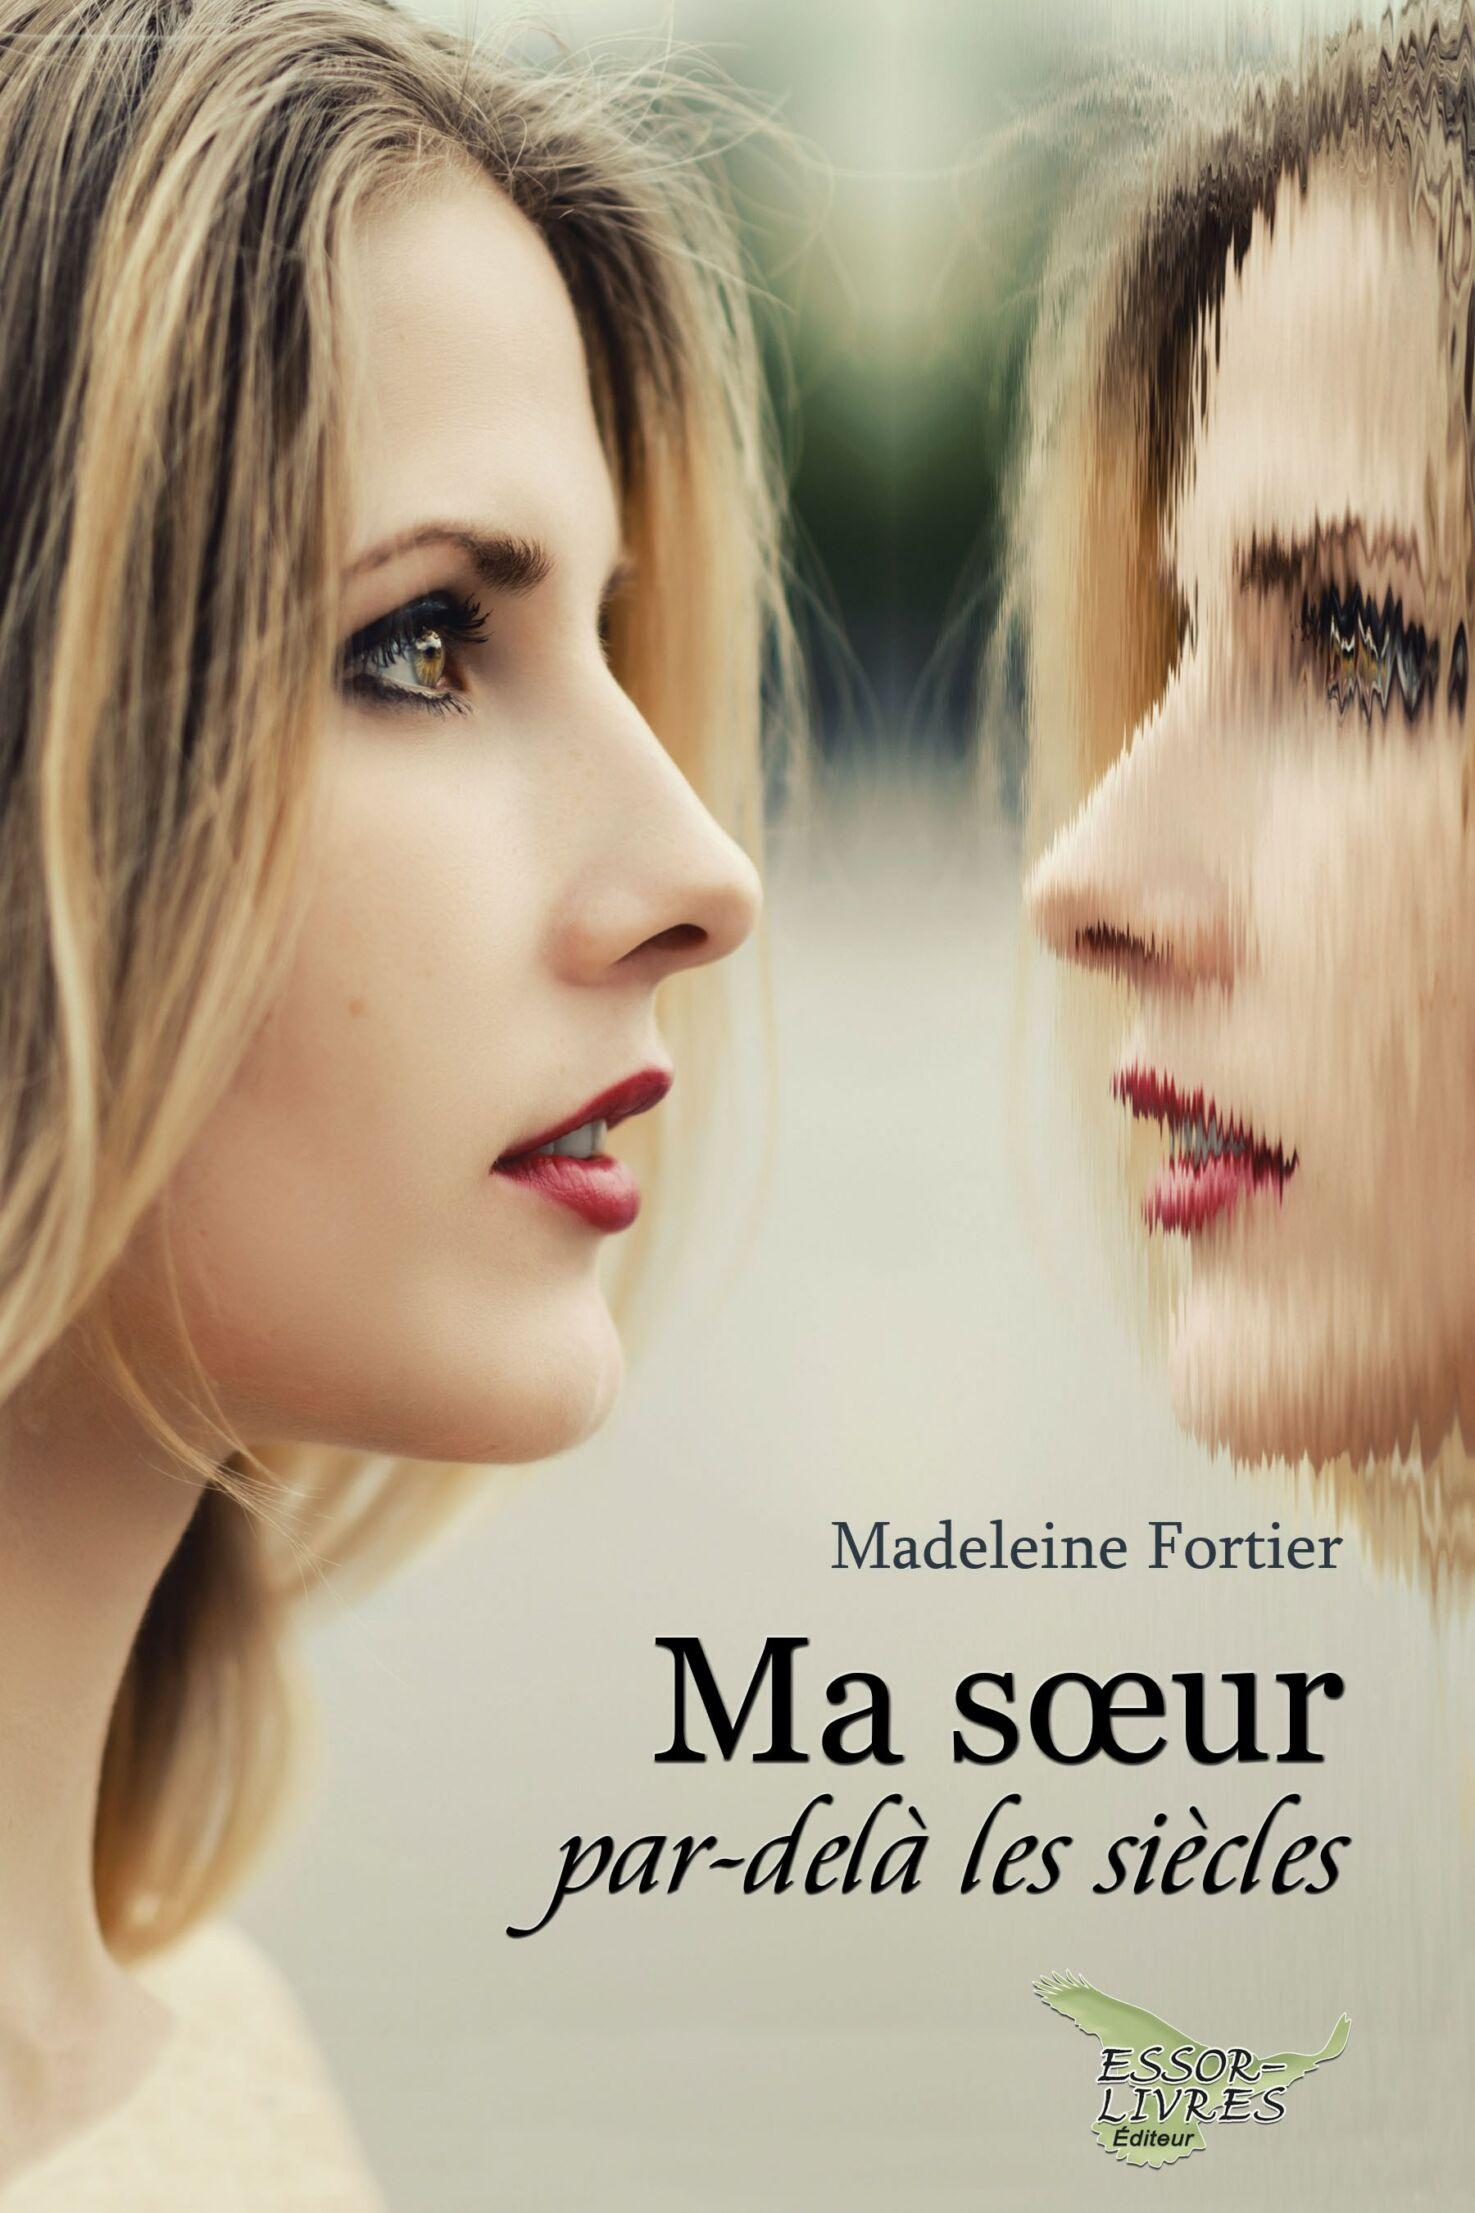 Madeleine Fortier Ma soeur par dela les siecles